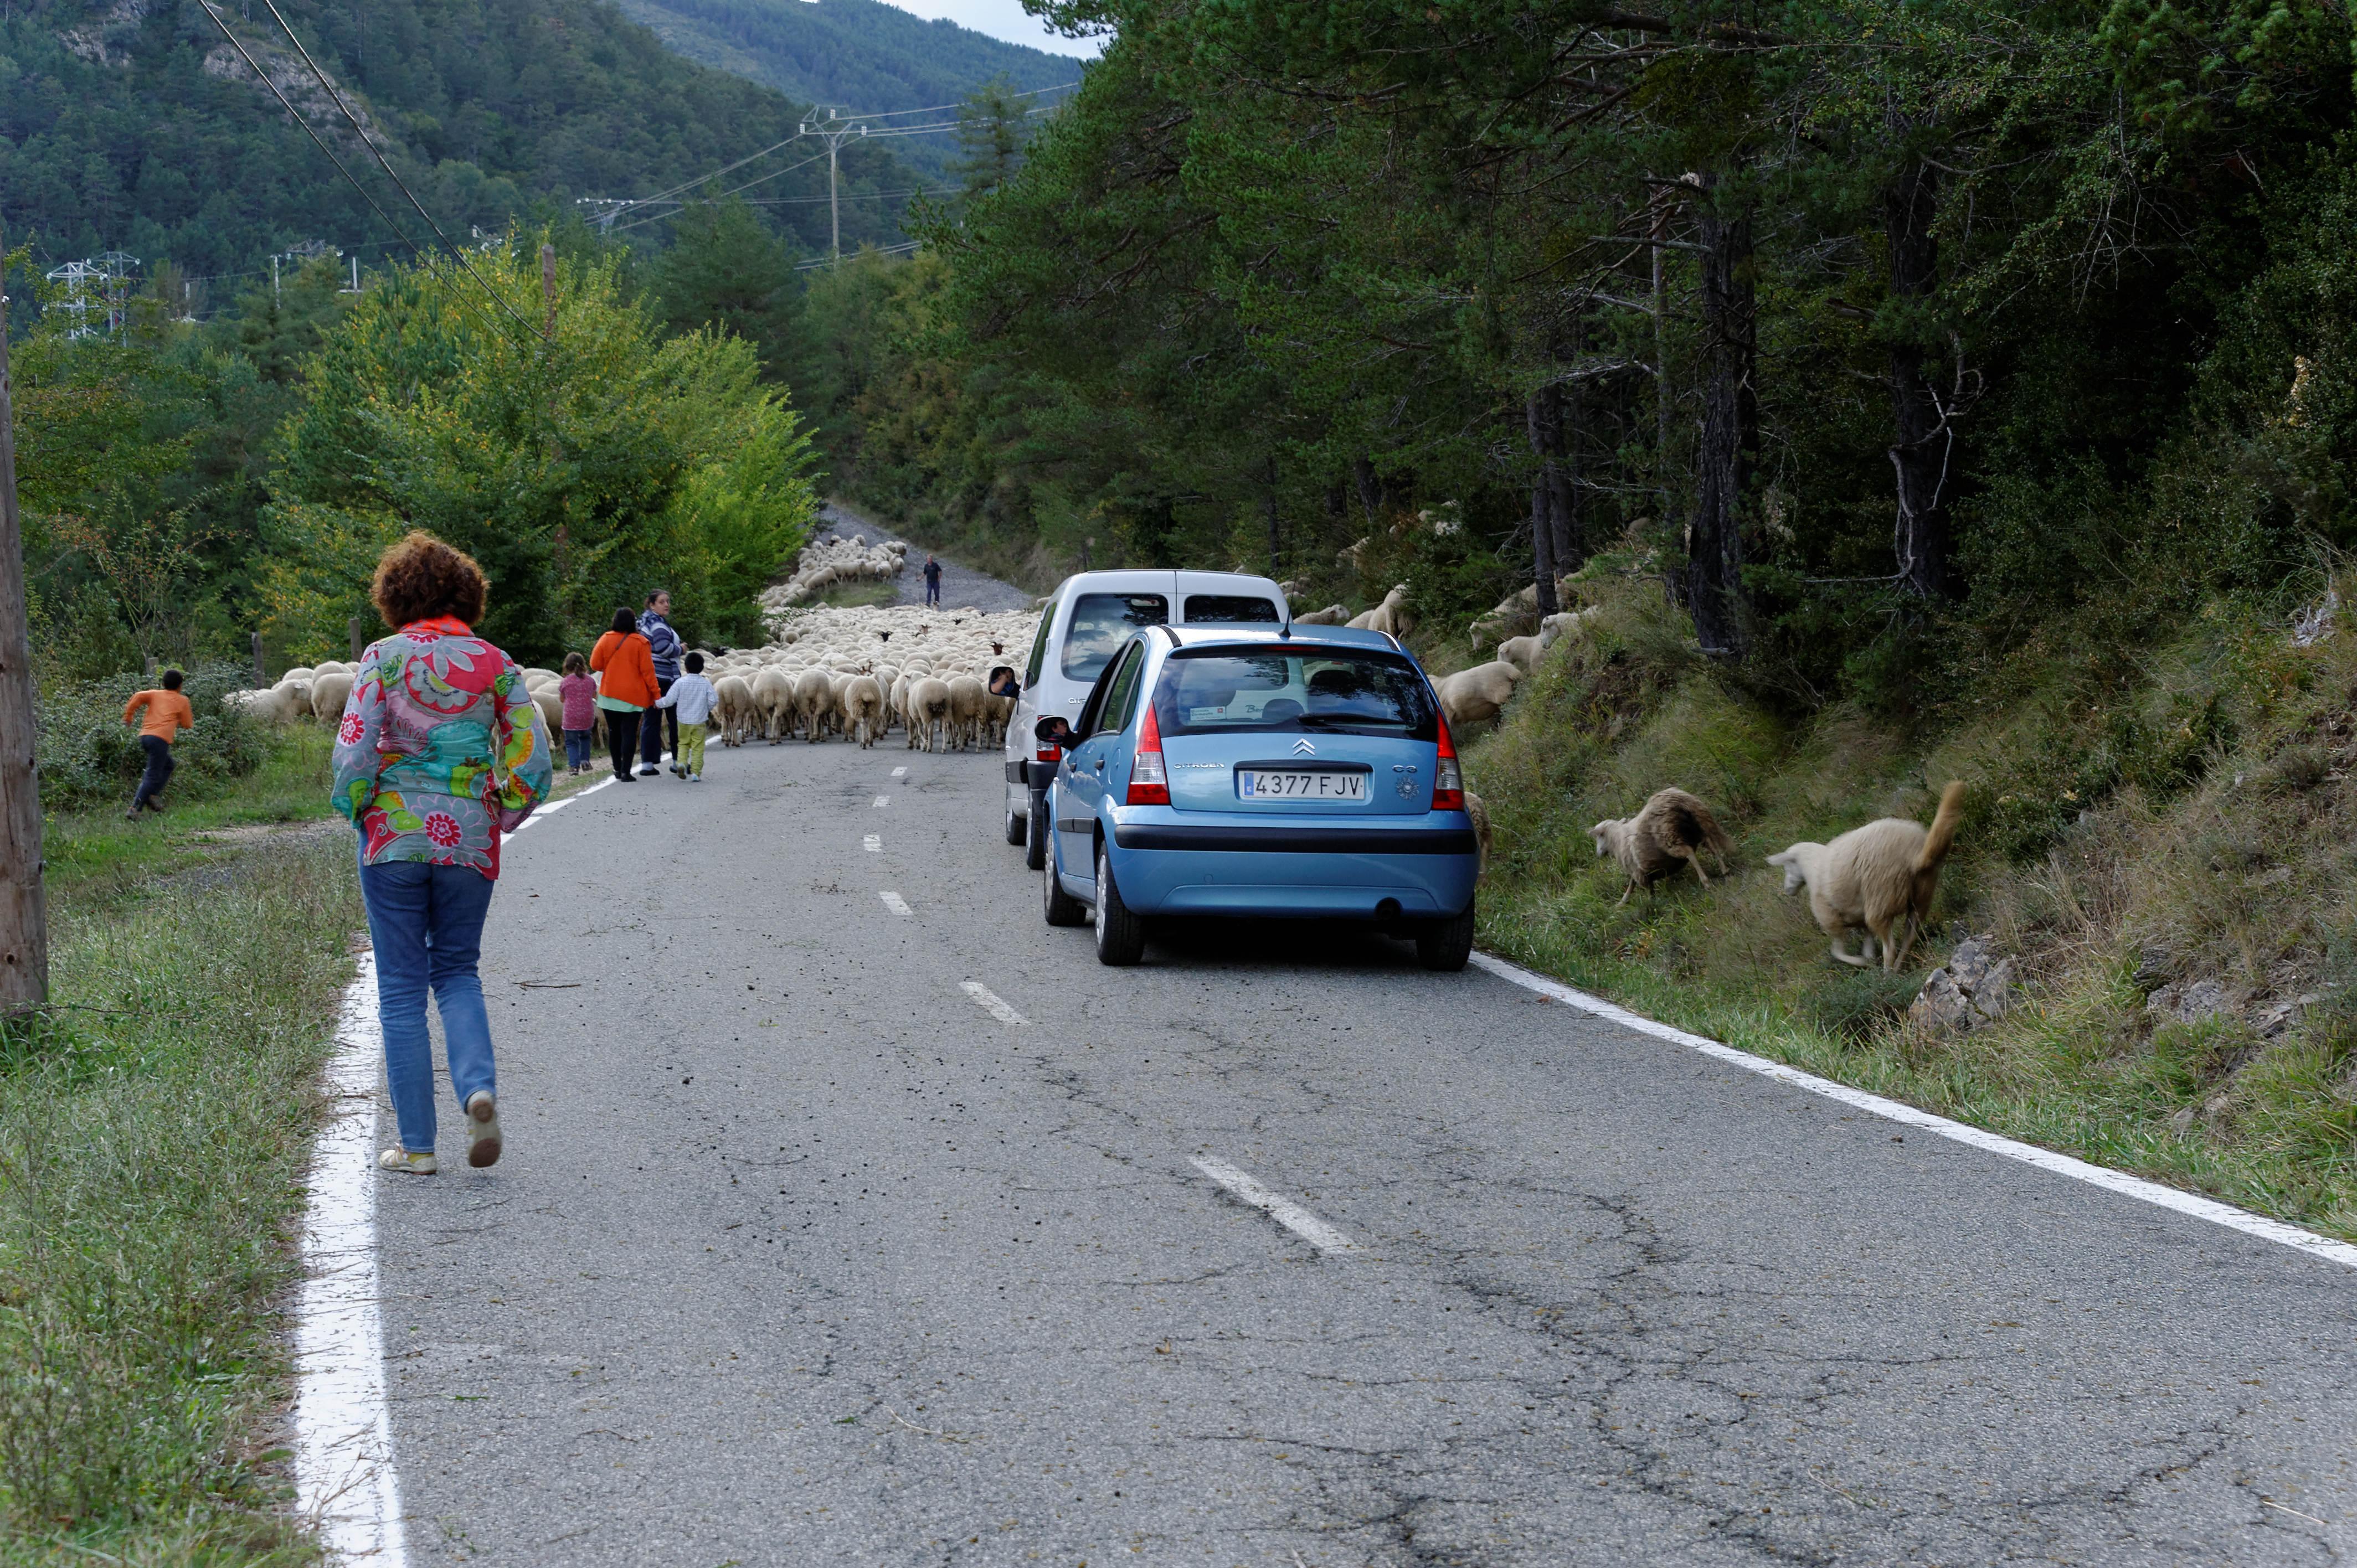 3881_milliers de moutons vers Roncal (Aragon)